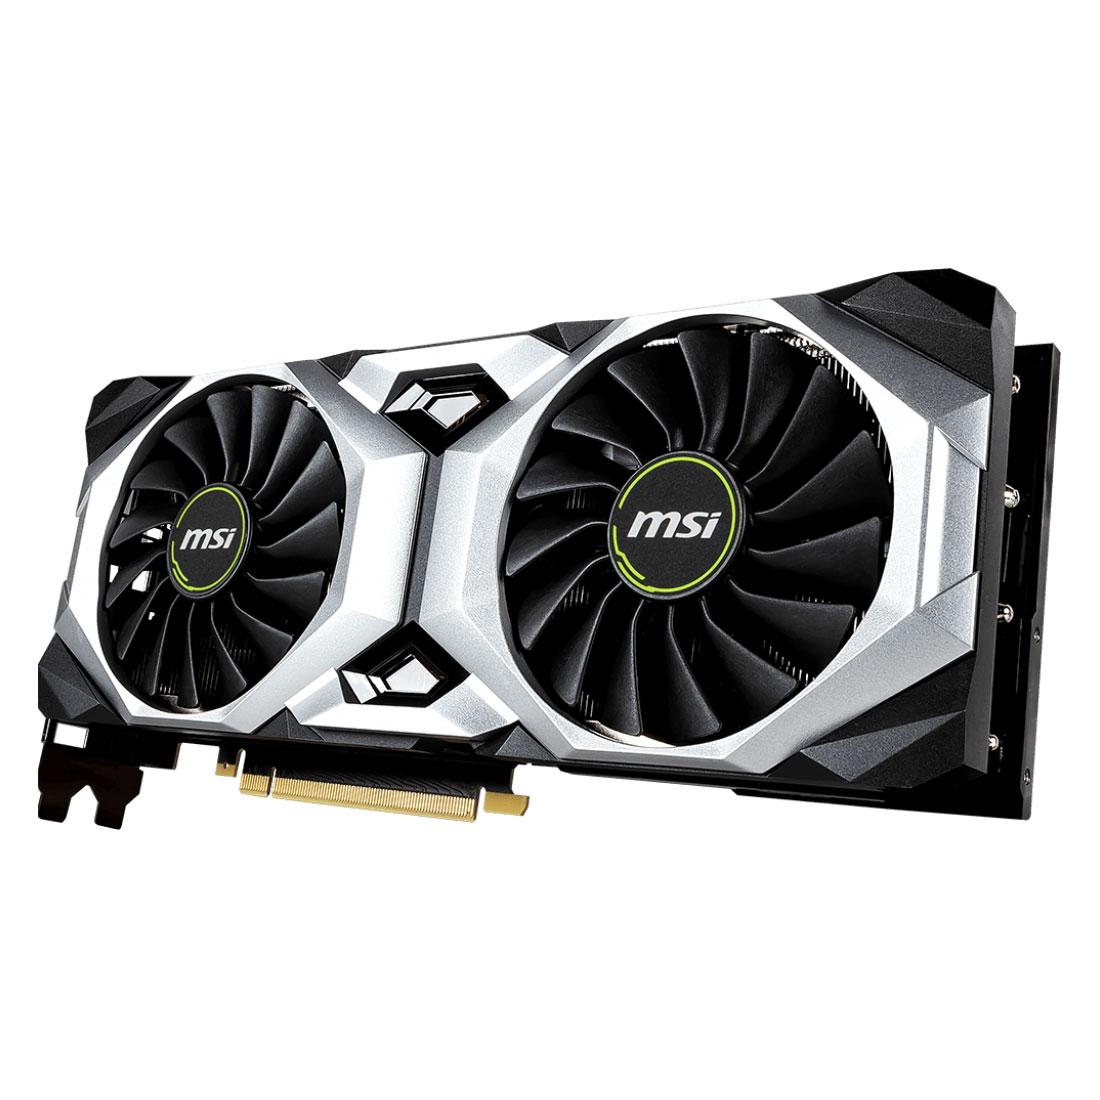 MSI GeForce RTX 2080 VENTUS 8G OC (912-V372-002) - Achat / Vente Carte graphique sur Cybertek.fr - 4